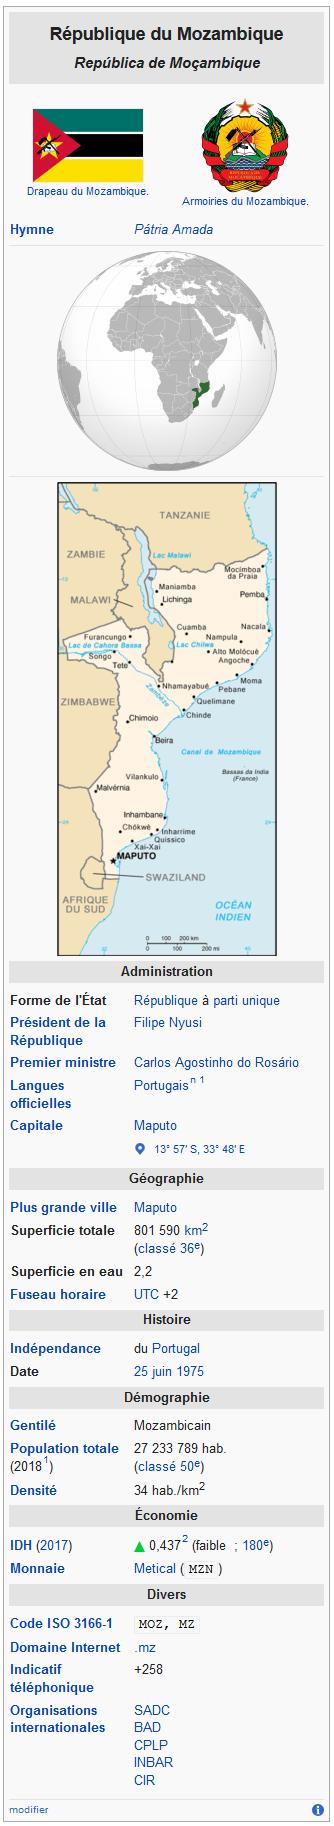 Screenshot_2020-05-05 Mozambique — Wikip